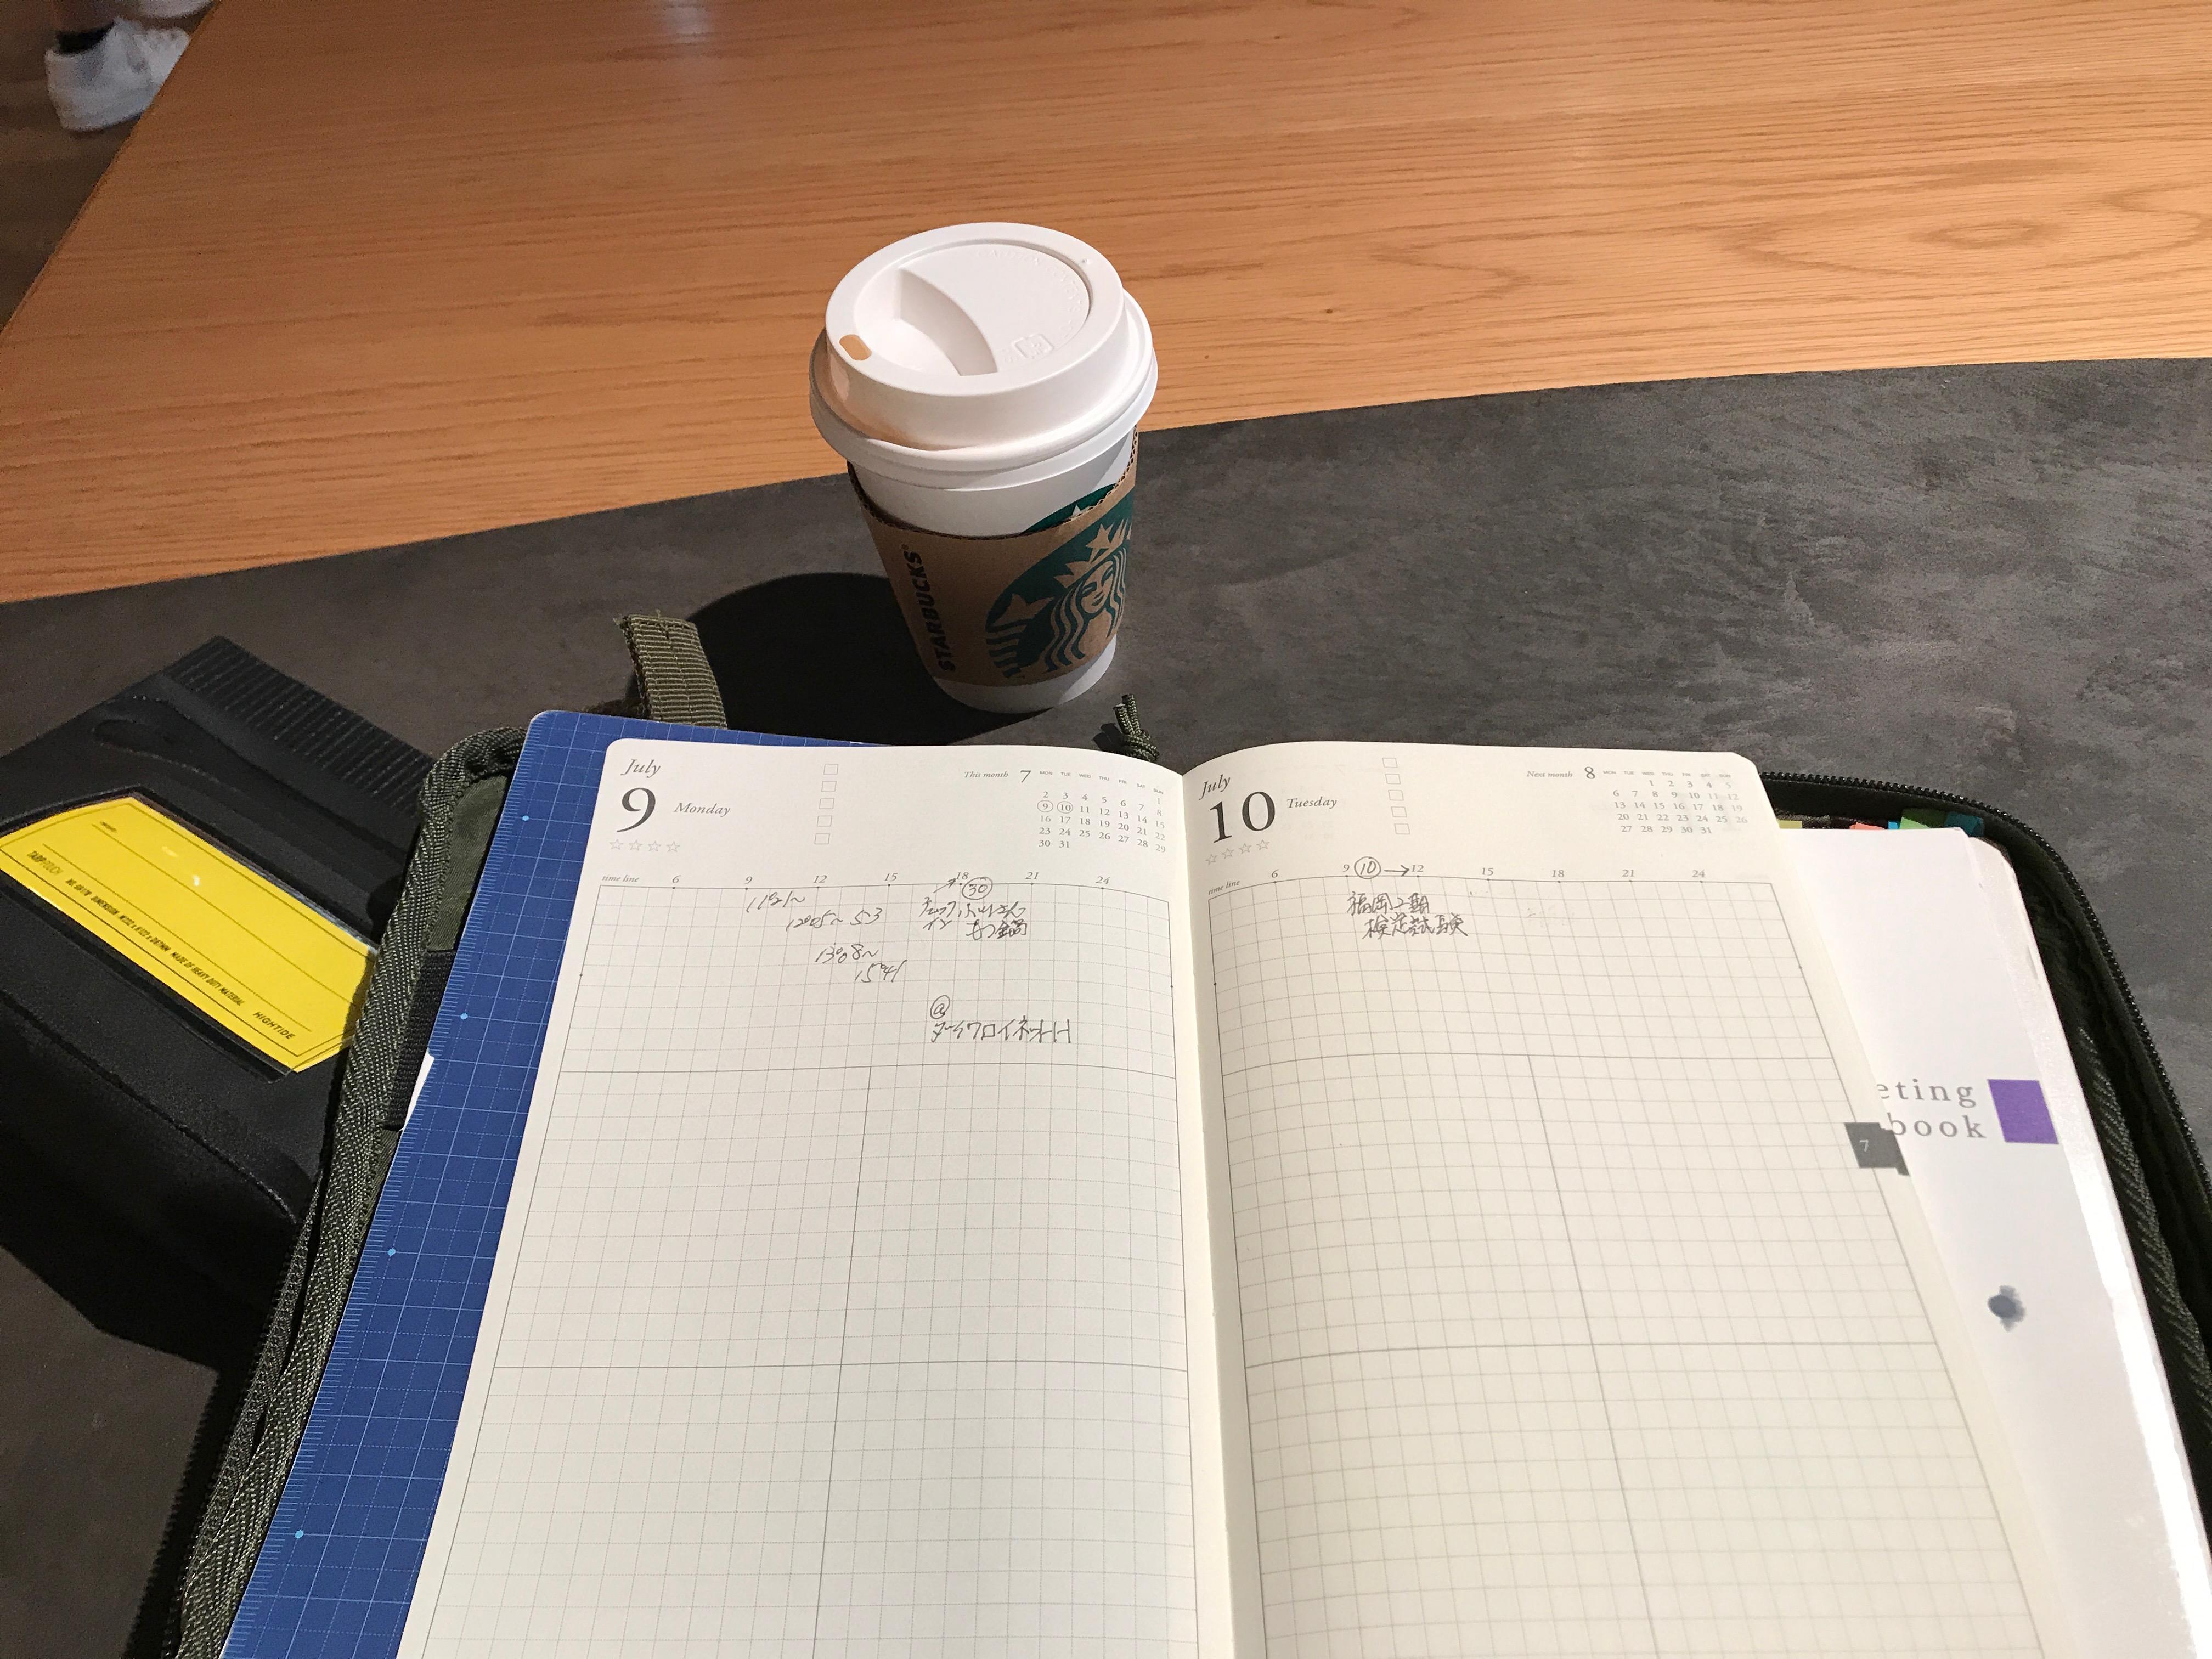 3勤4休(再録)定年退職後8ヶ月の日記 こんな気分だったのか お役に立てば